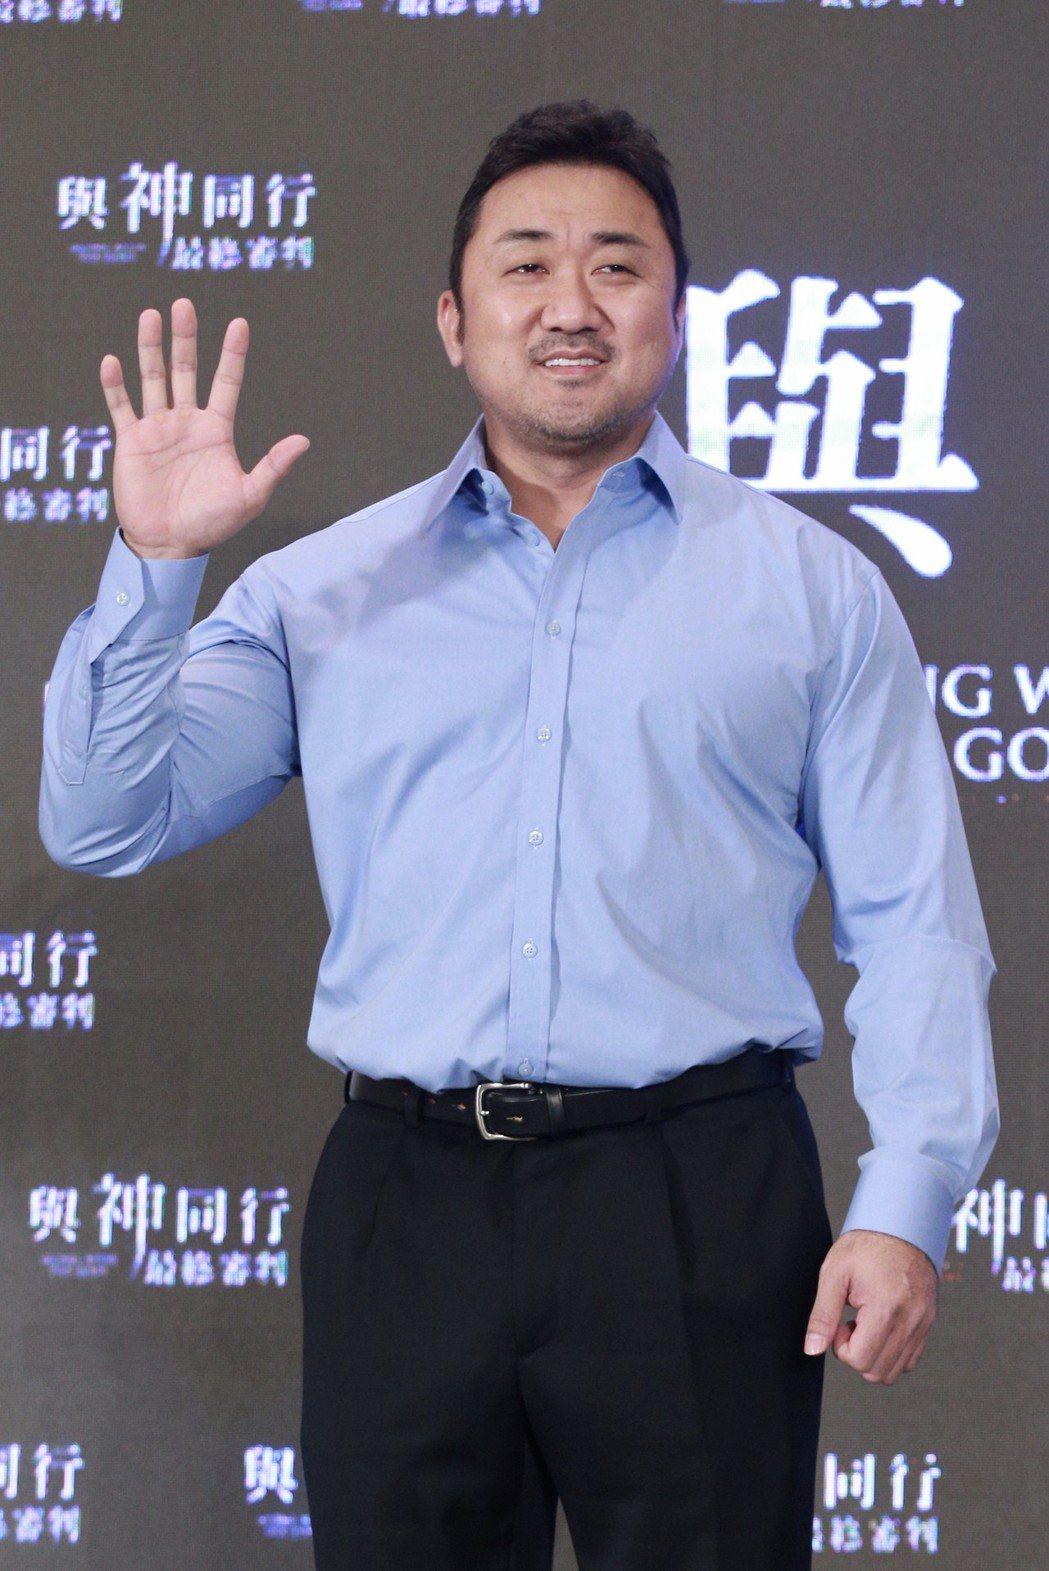 「與神同行」演員馬東石中午出席在台北文華東方舉行的亞太國際記者會。記者林伯東/攝...